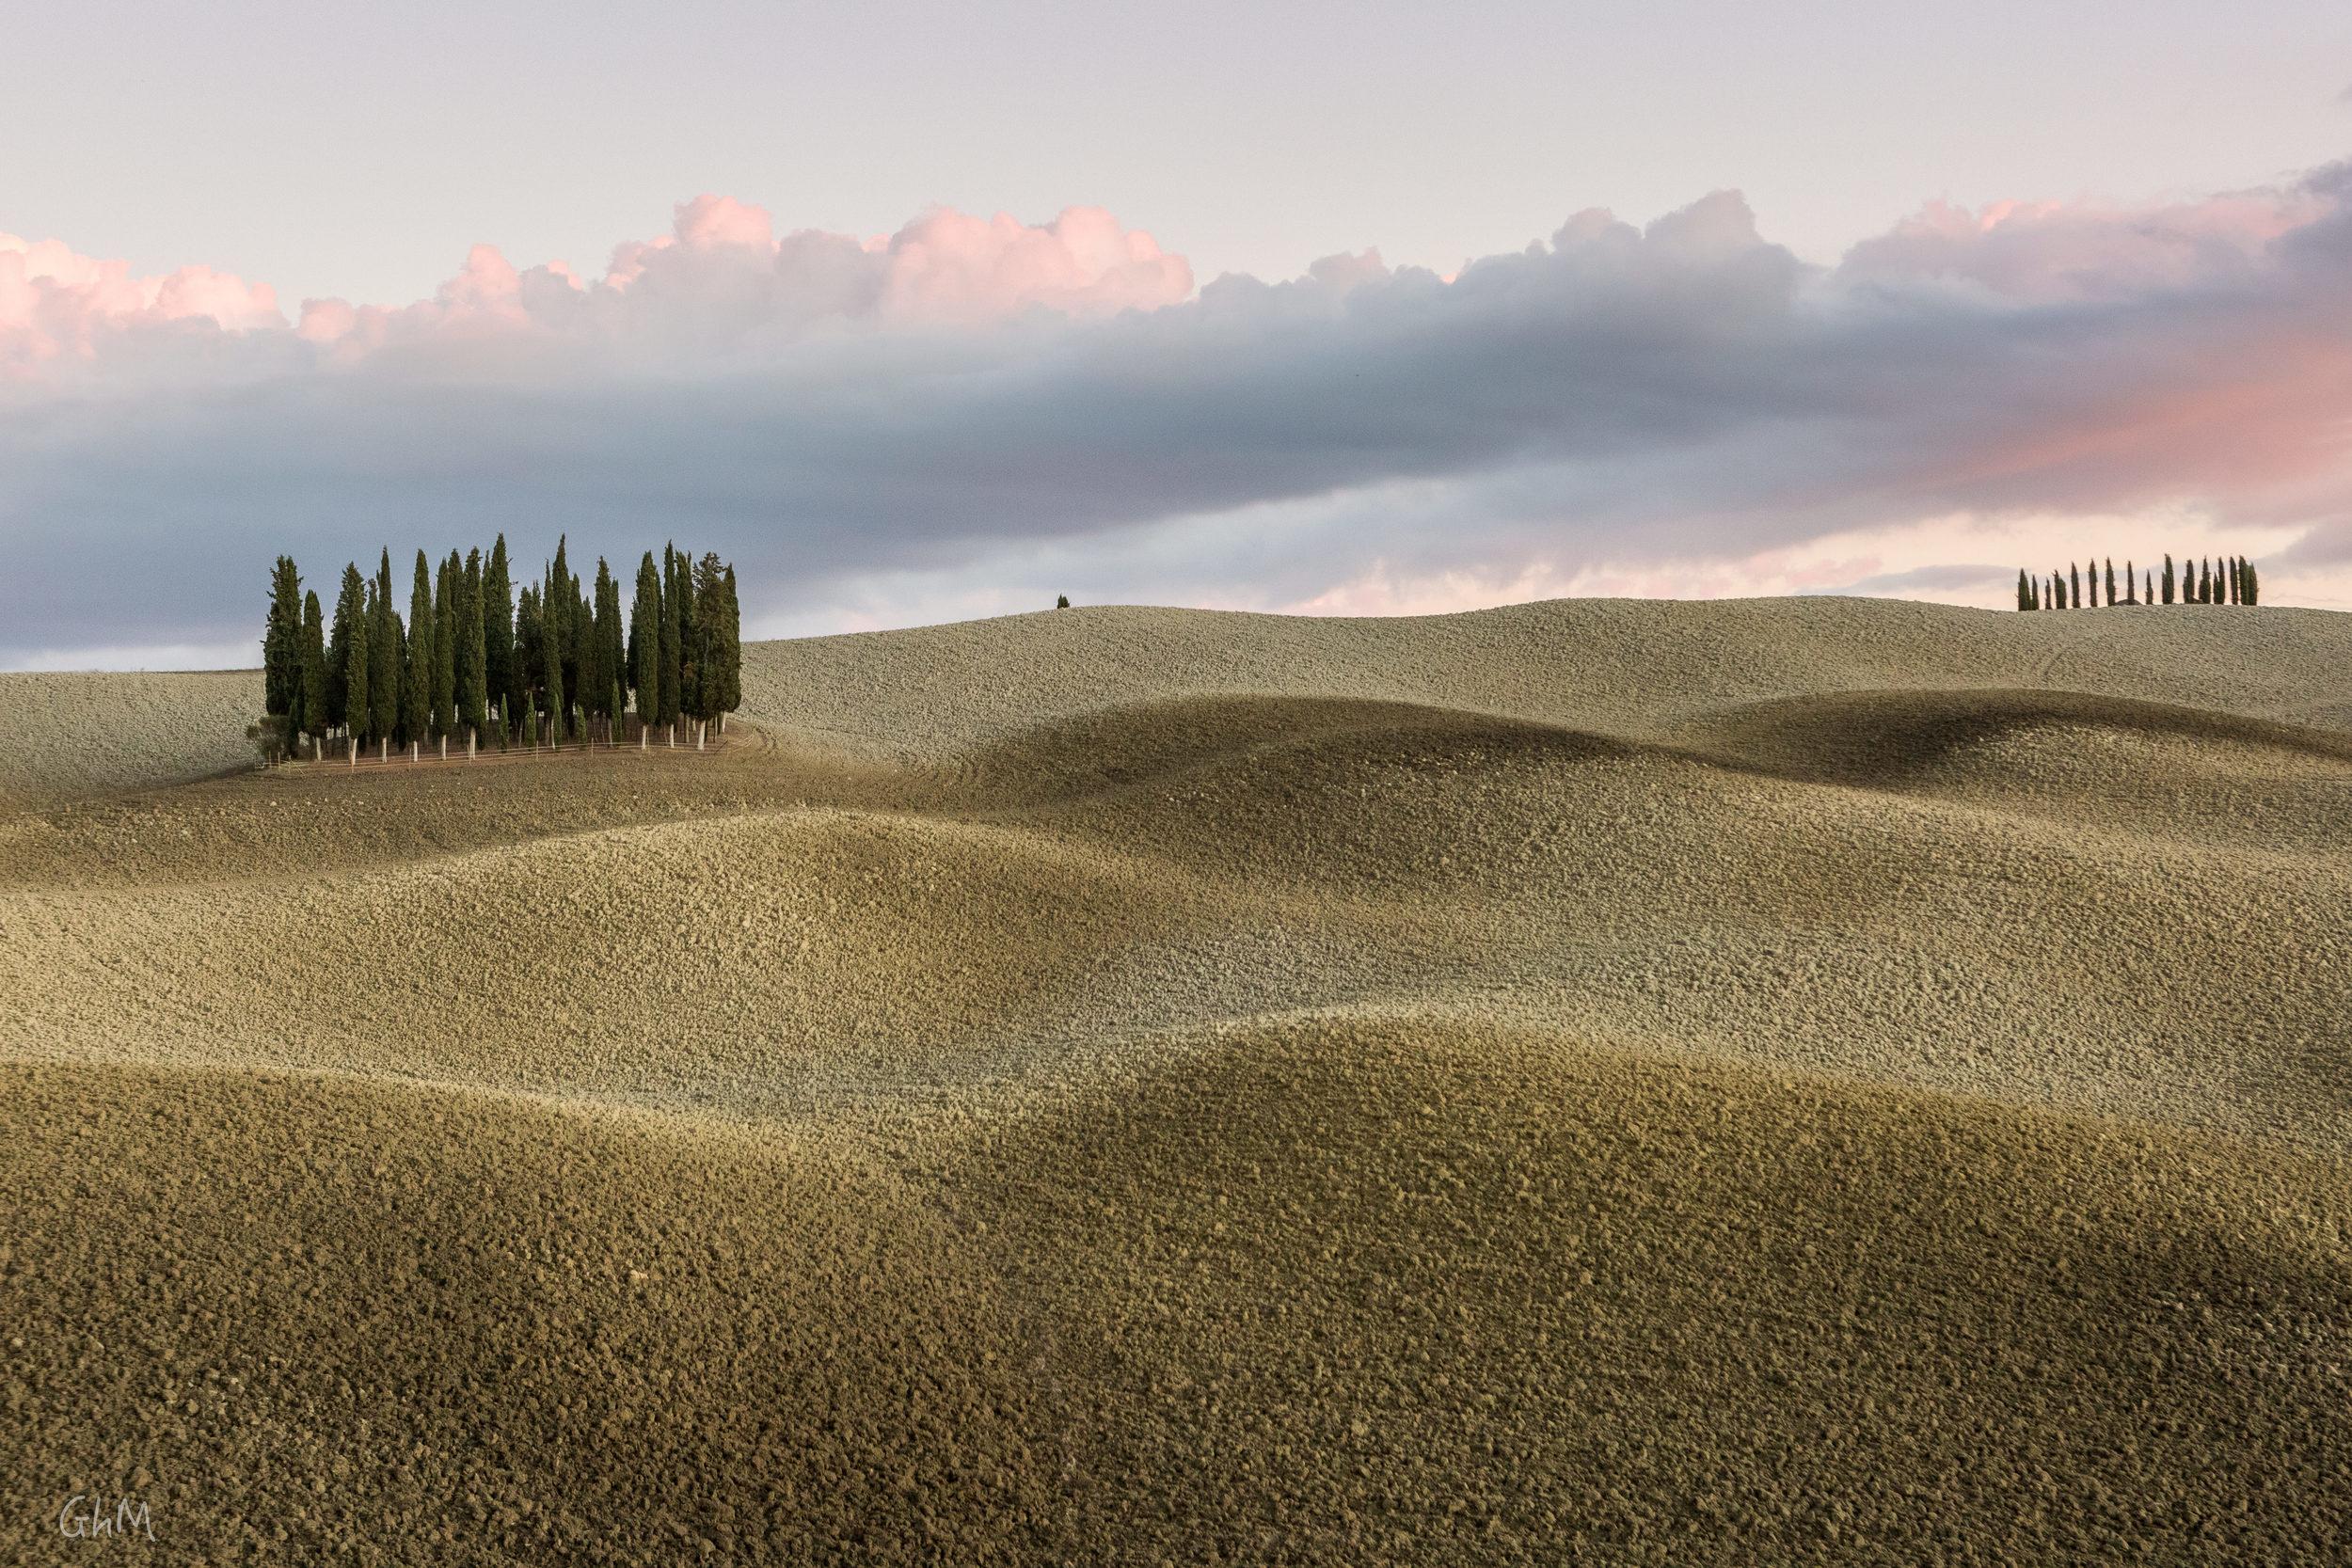 07102015-Toscane-917-HDR.jpg